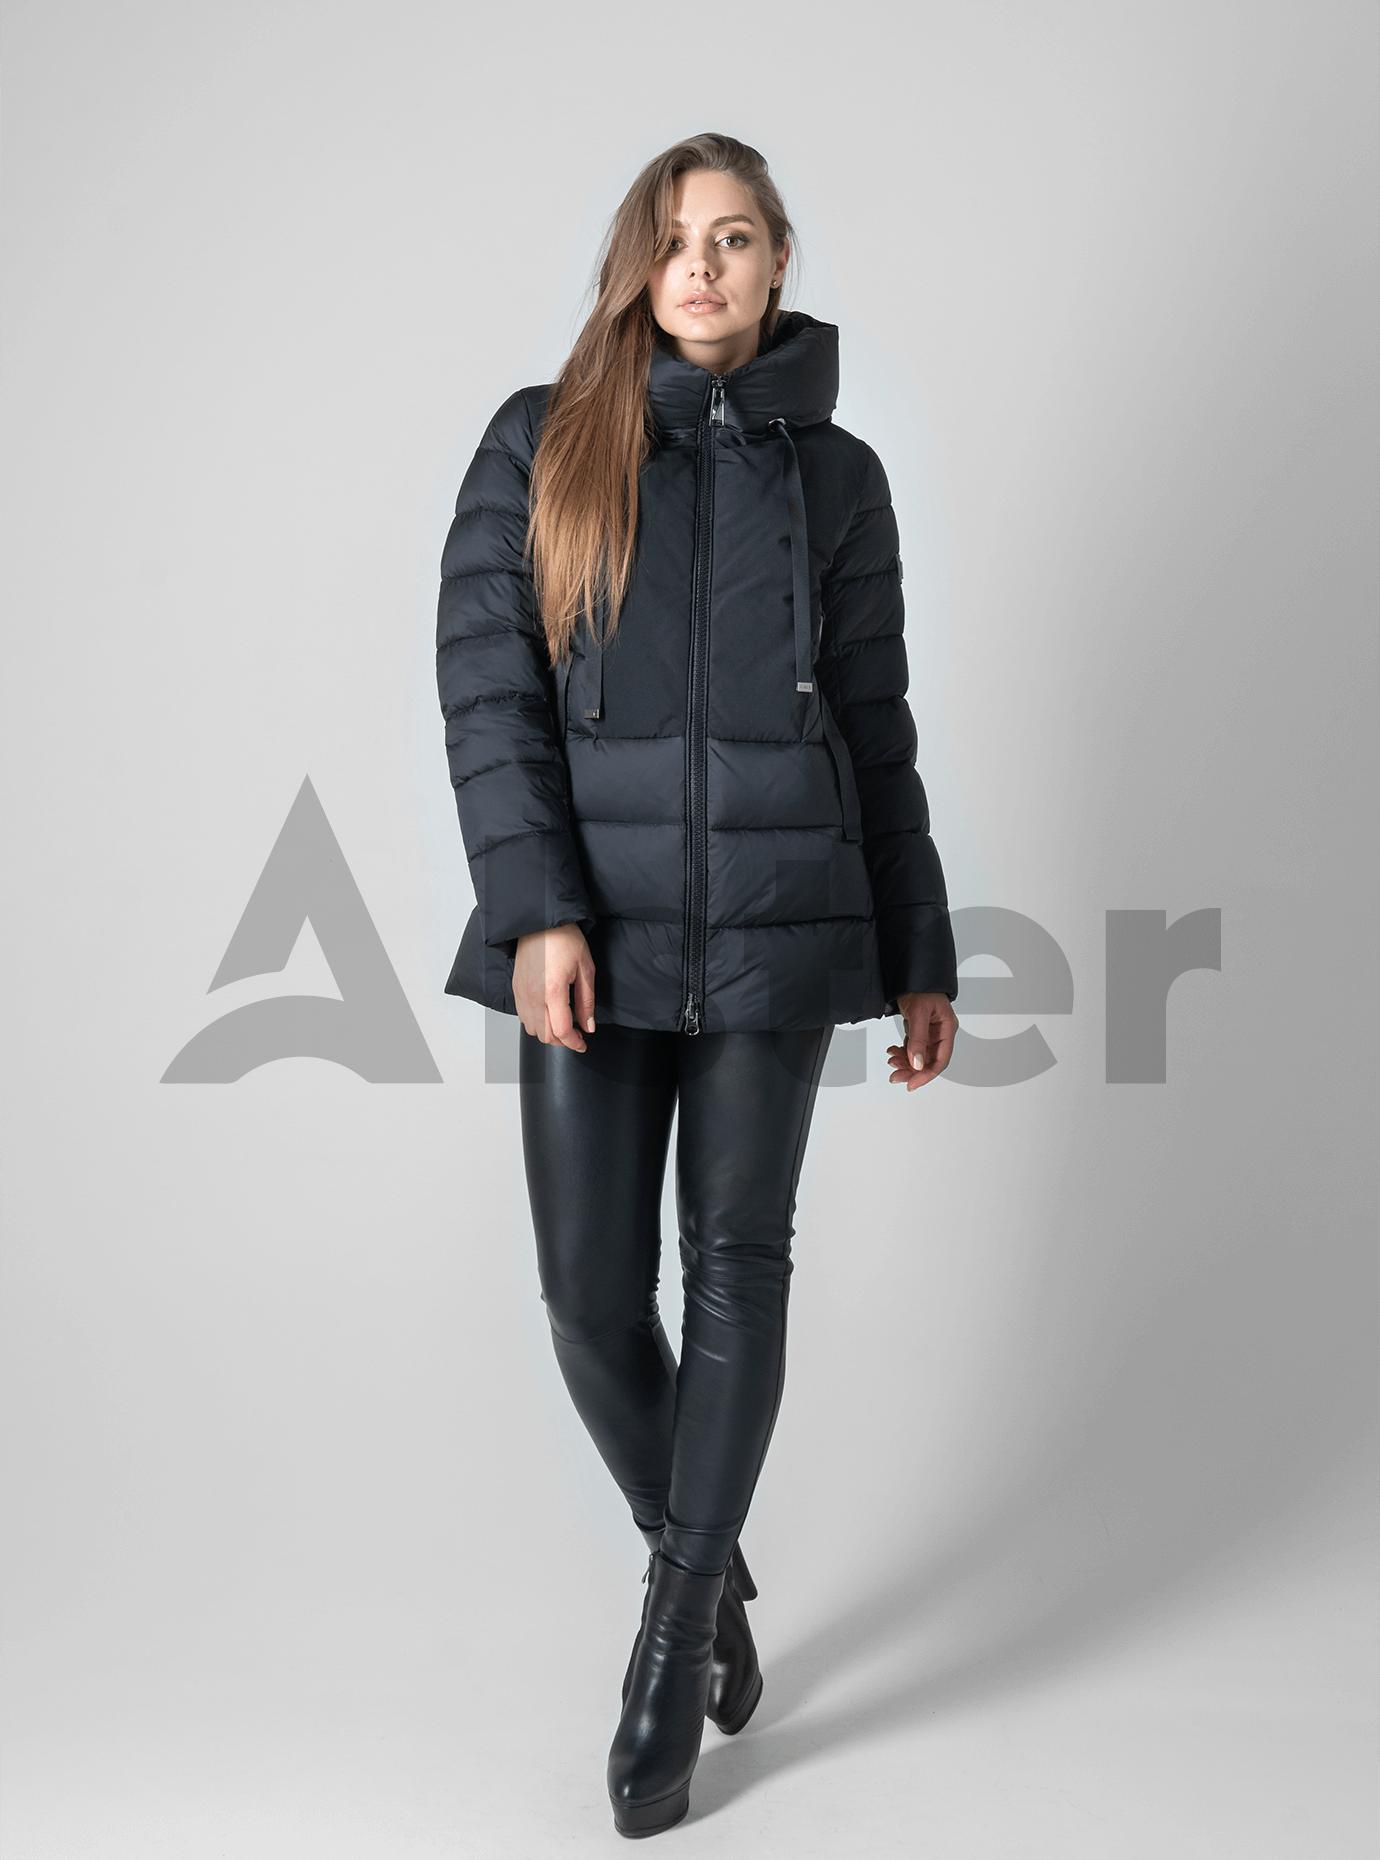 Зимняя женская куртка Чёрный 2XL (02-190183): фото - Alster.ua